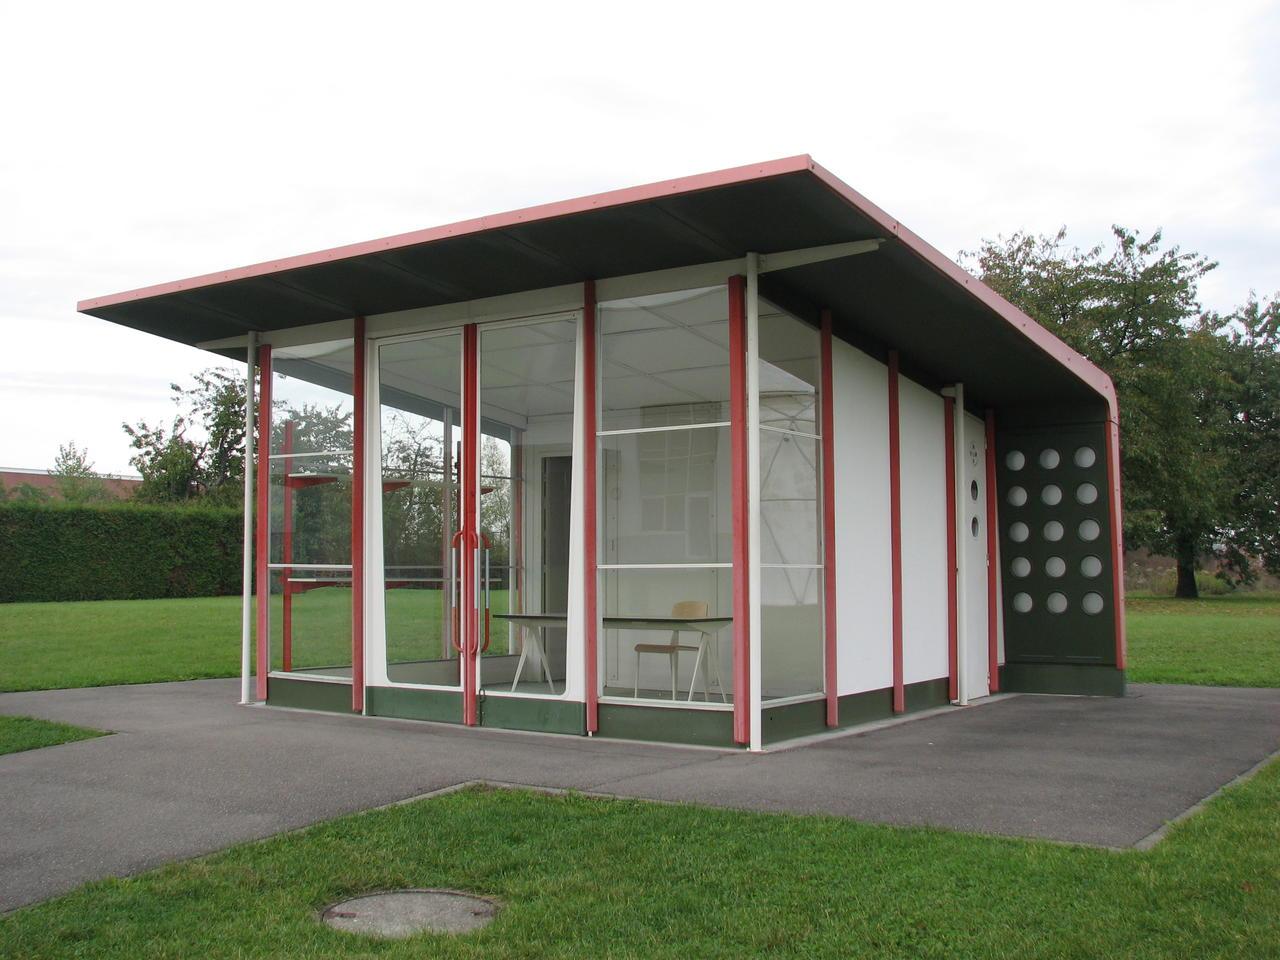 Jean Prouvè bensinstasjon på campusen til Vitra ved Weil am Rhein i Tyskland